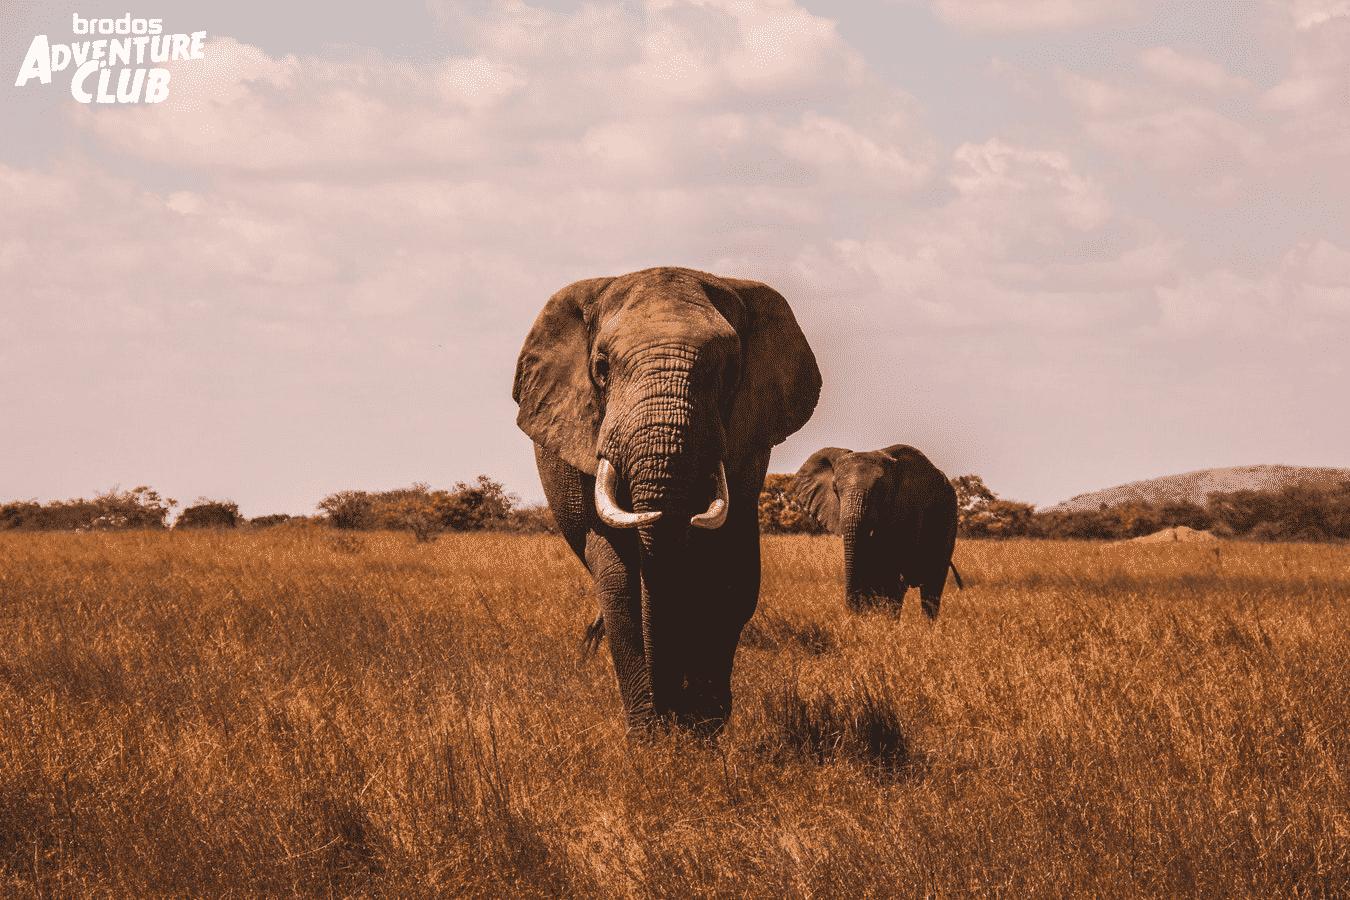 Vorreservierung: Wer möchte im November 2020 mit auf große Offroad Tour nach Afrika?